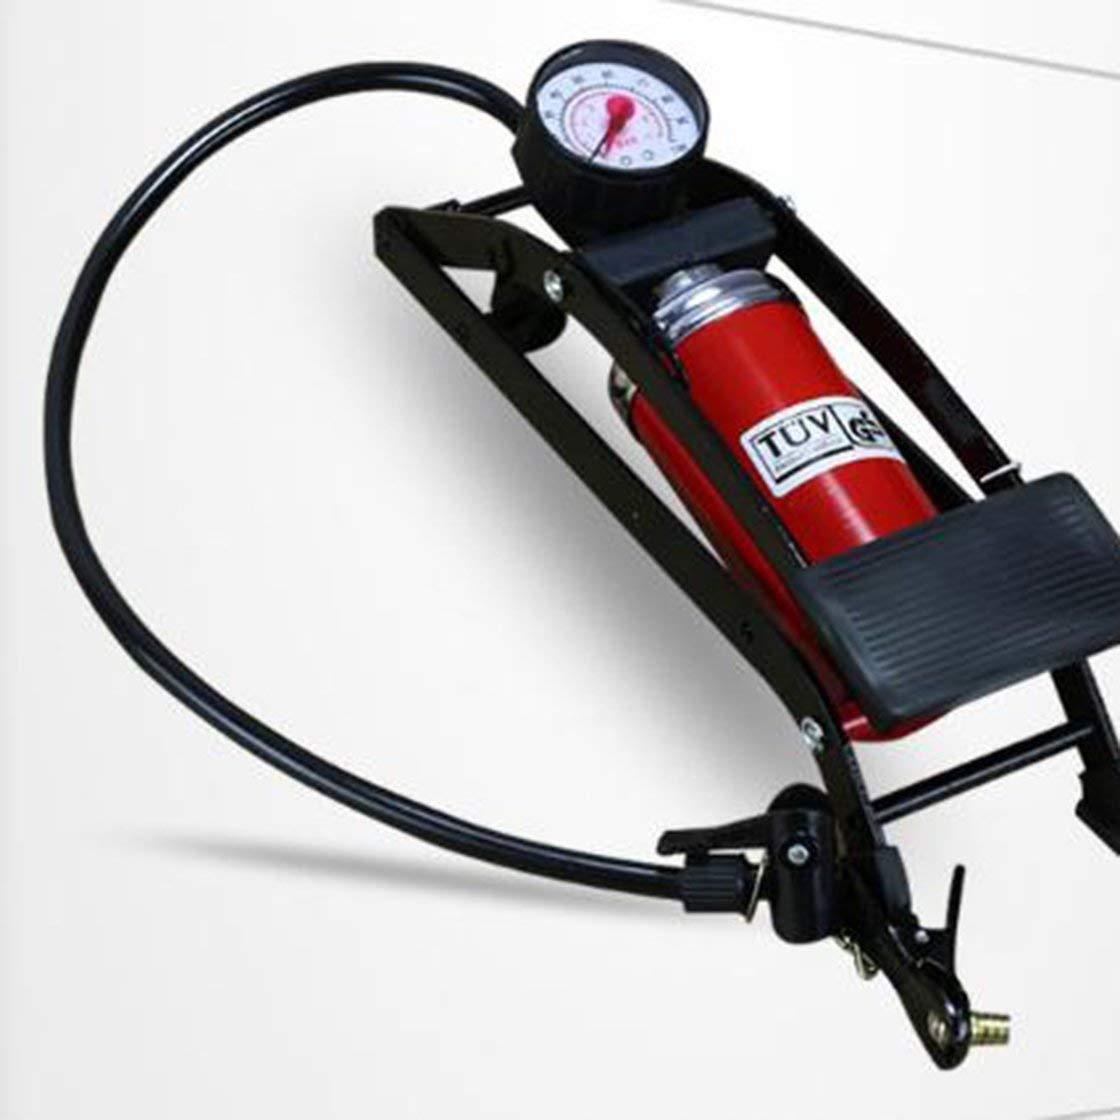 Bomba de inflado de la Bicicleta Tipo Pedal de pie Bomba de Aire de Alta presión Mini Máquina Infladora Portátil para Bicicleta Motocicleta Bicicleta Herramienta Vida Solitaria Laurelmartina